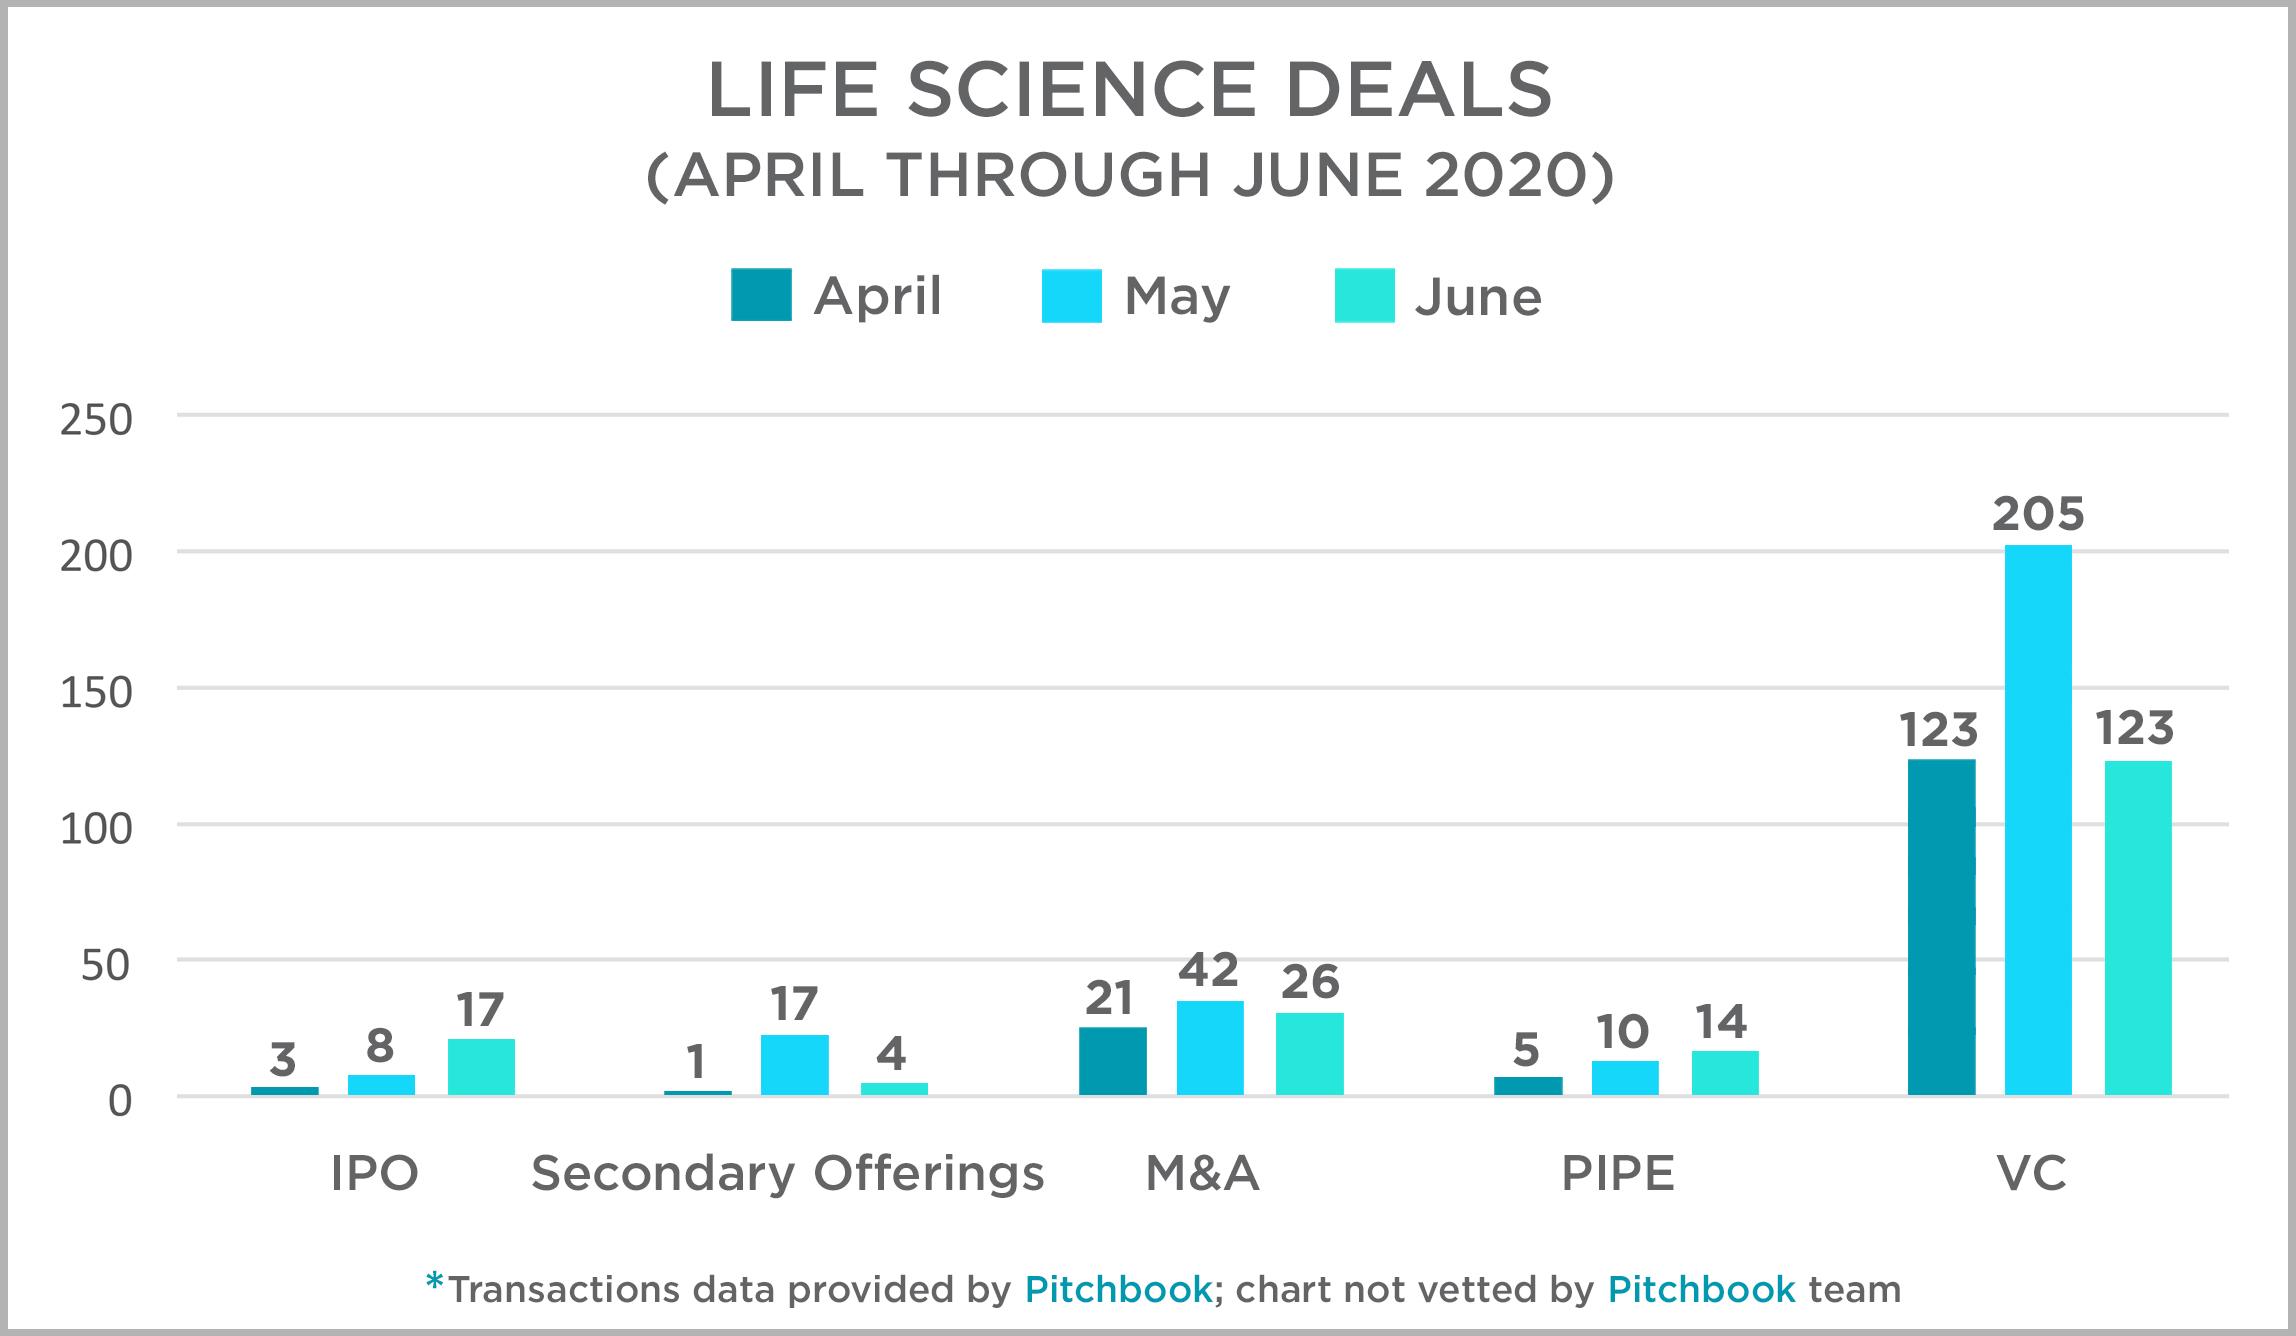 Life Sciences Deals April thru June 2020